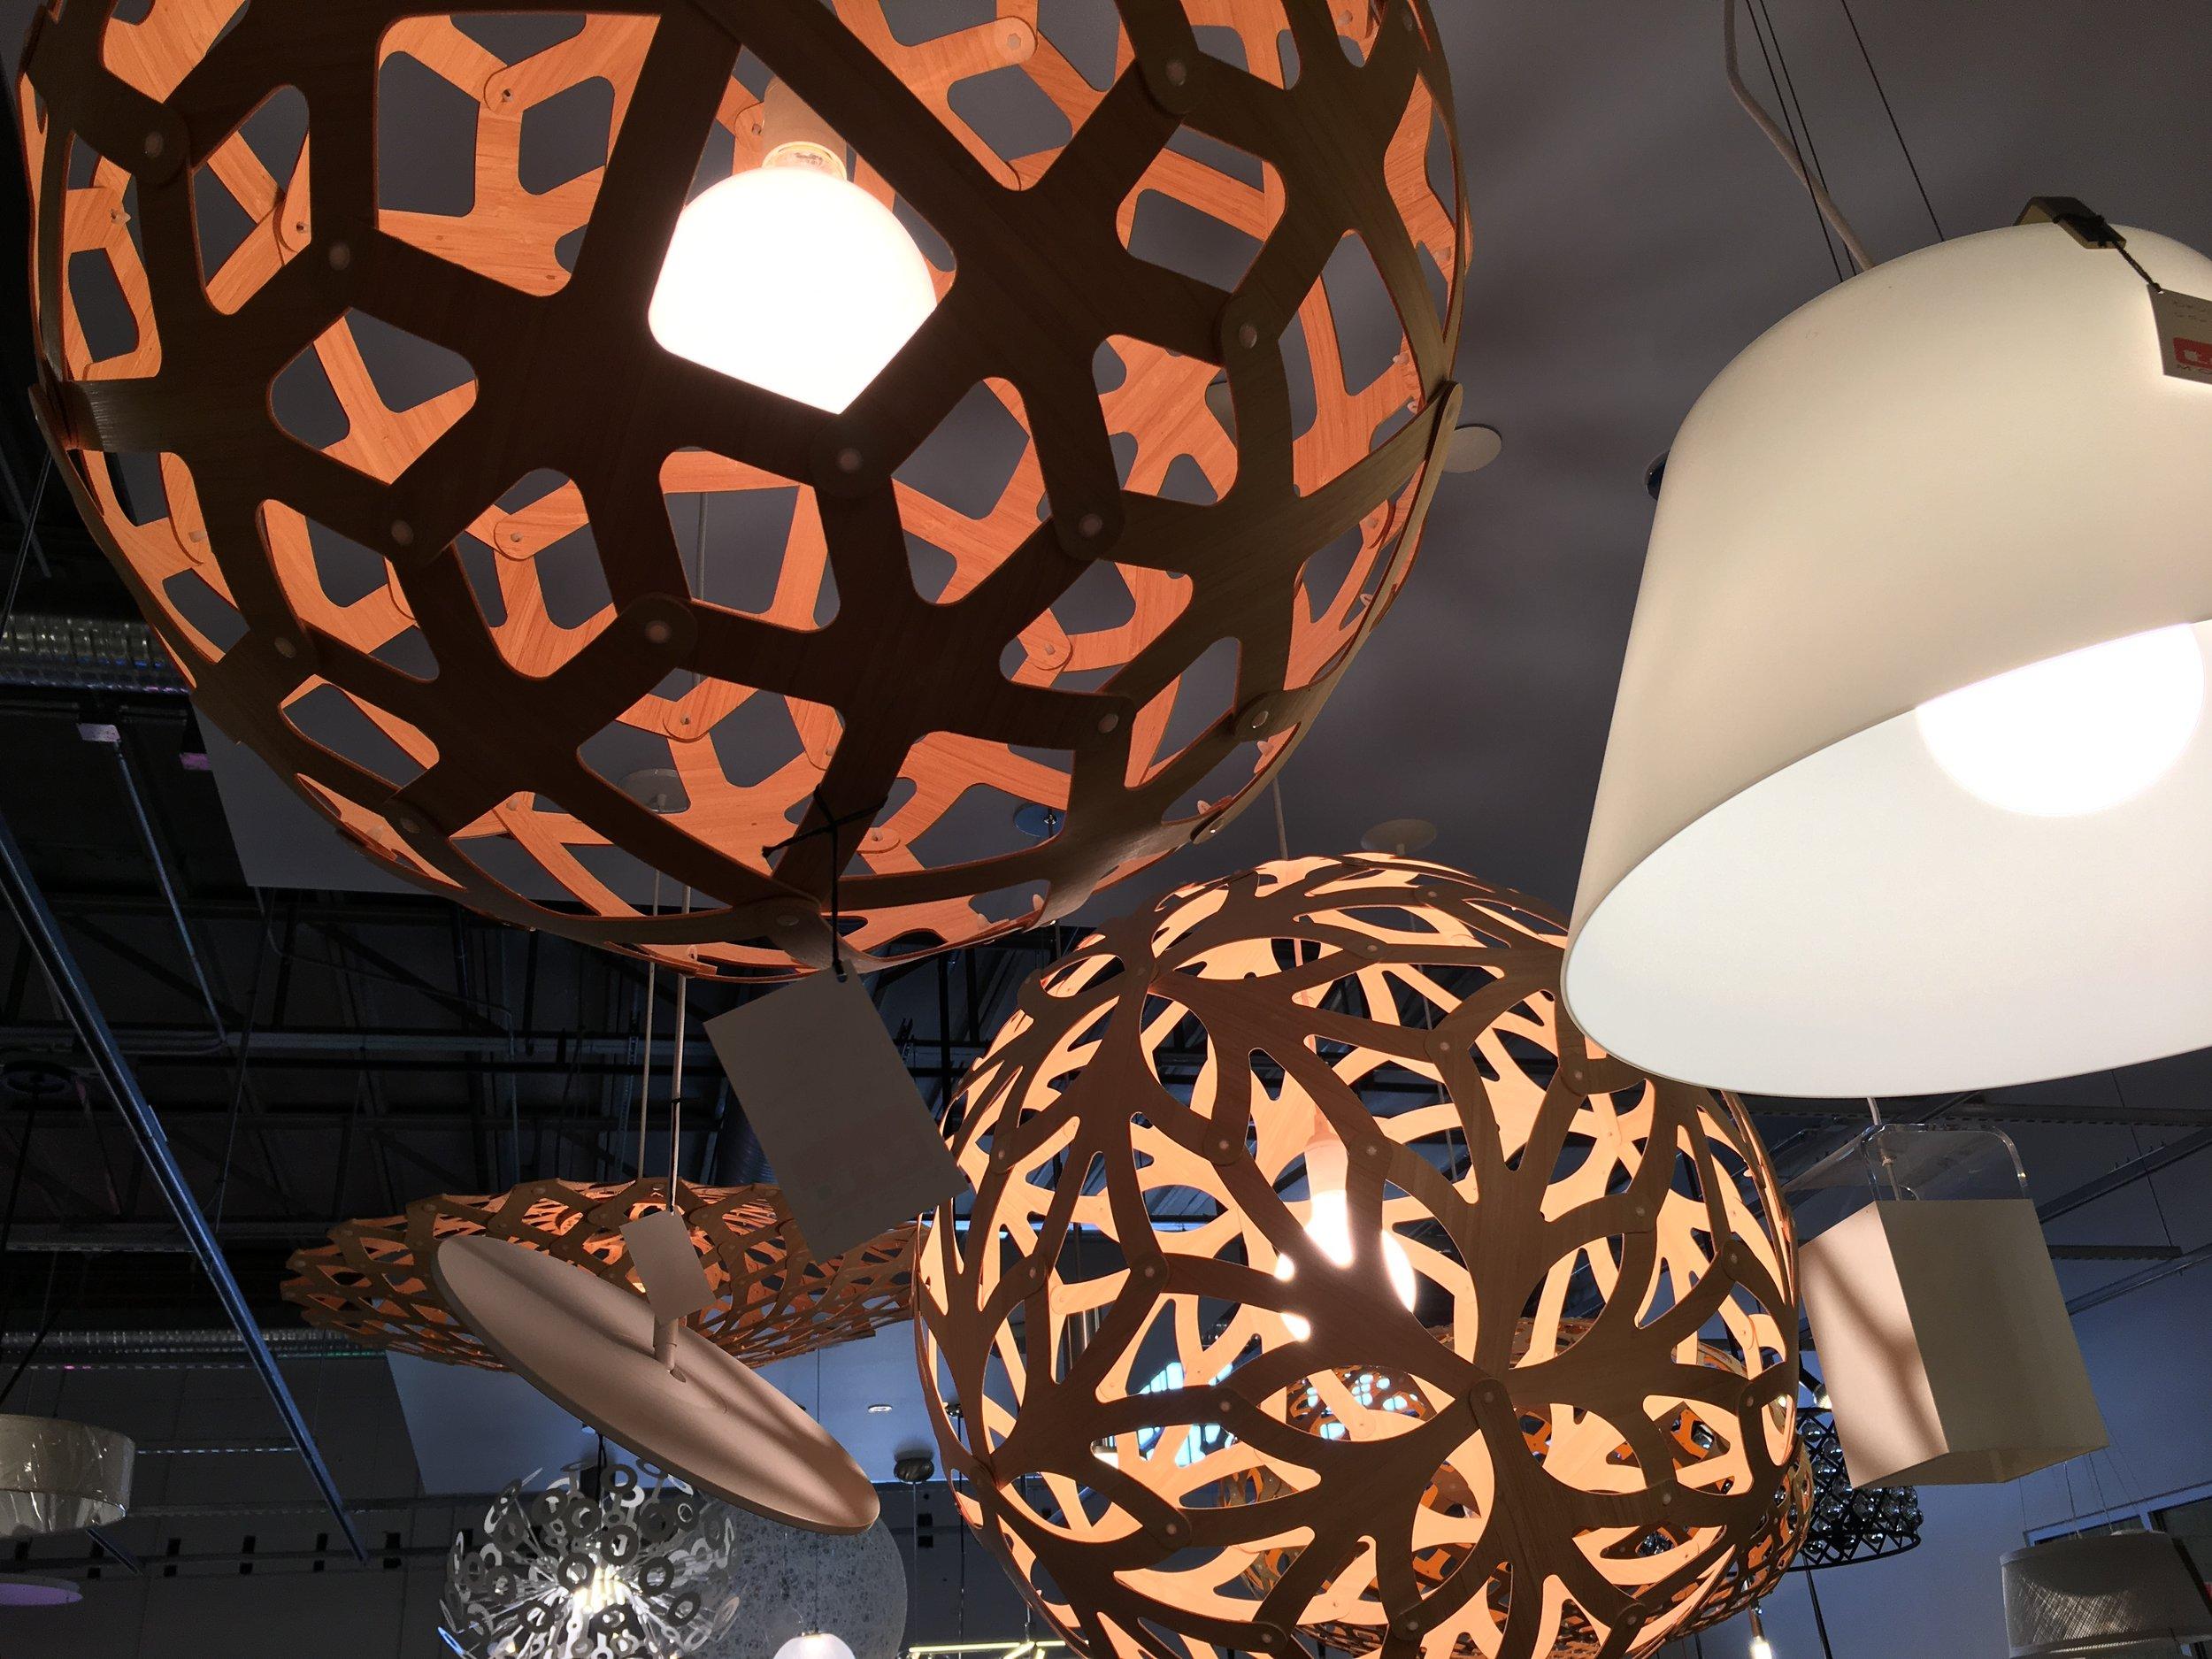 Home furniture indoor outdoor lighting fans fans interior lighting pillows rugs pillows rugs about us